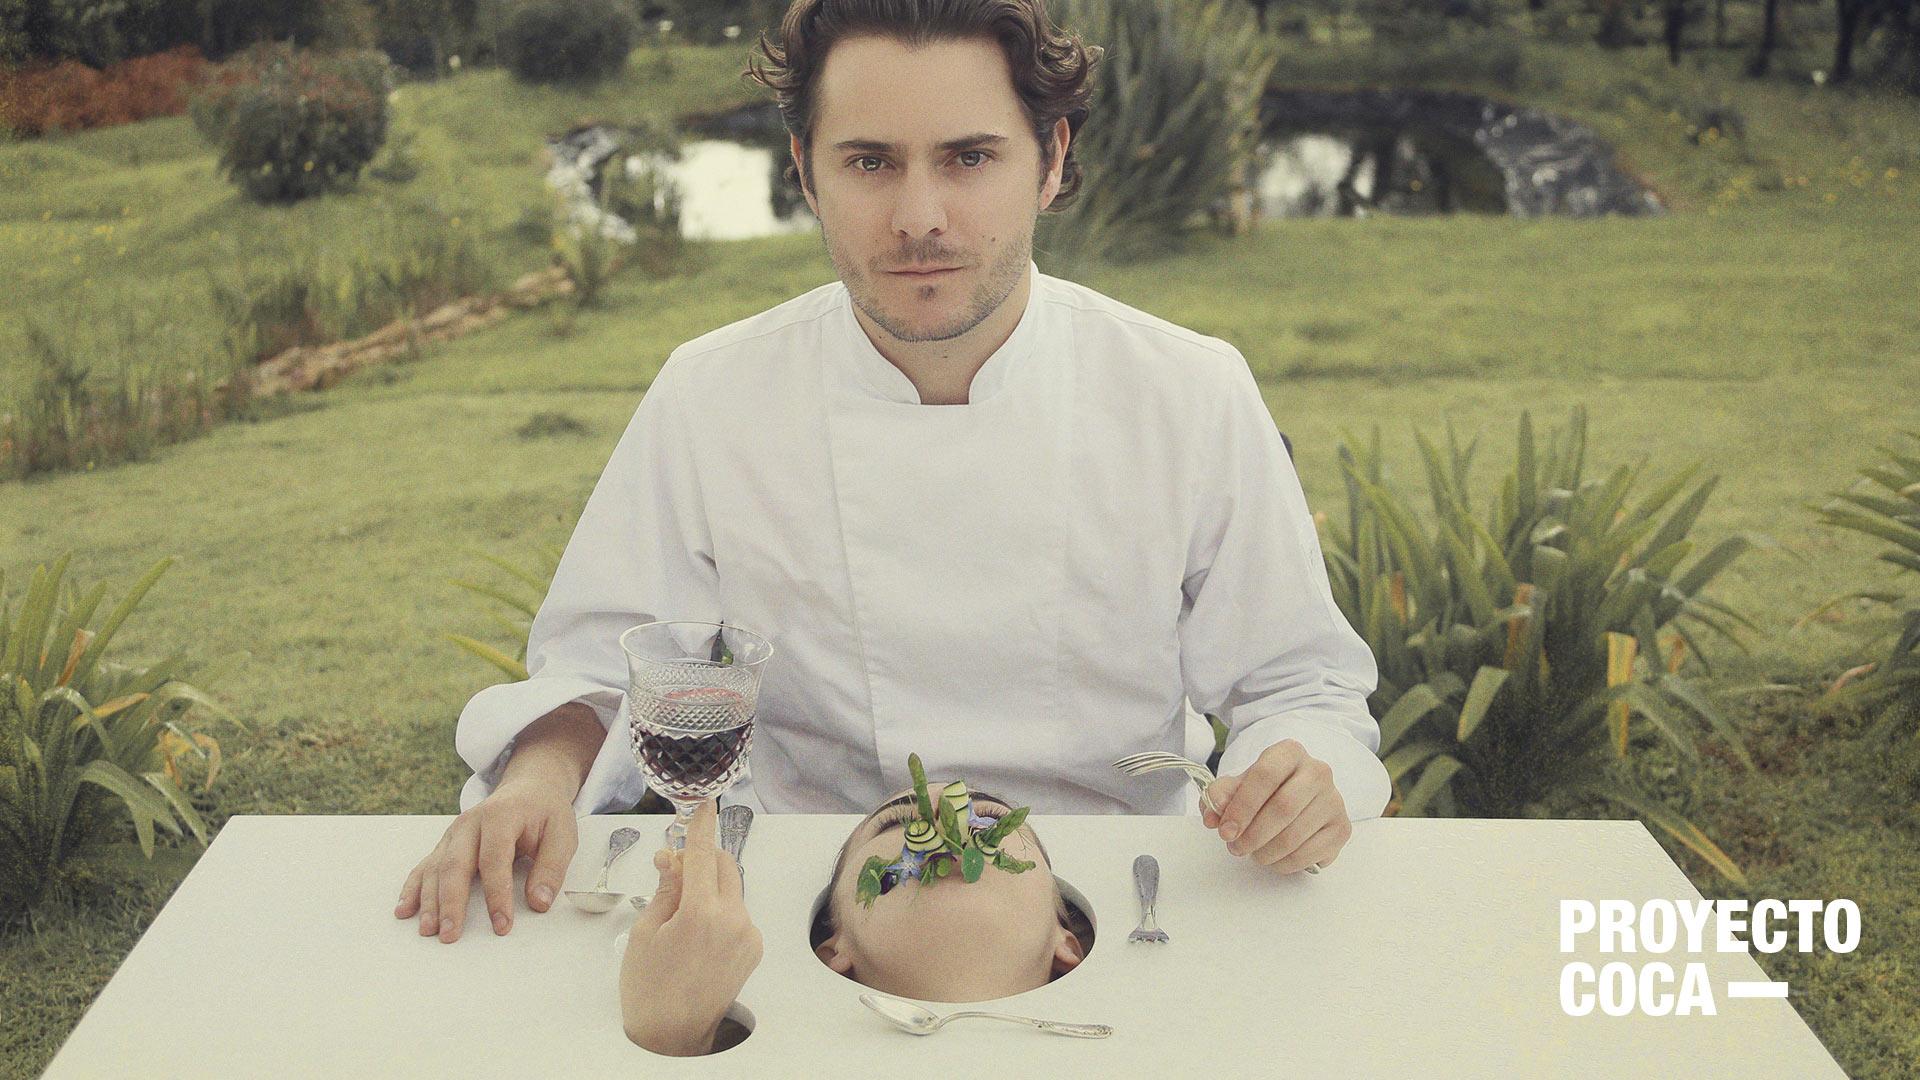 La sustitución de coca está poniendo a pensar -y cocinar- a los chefs colombianos